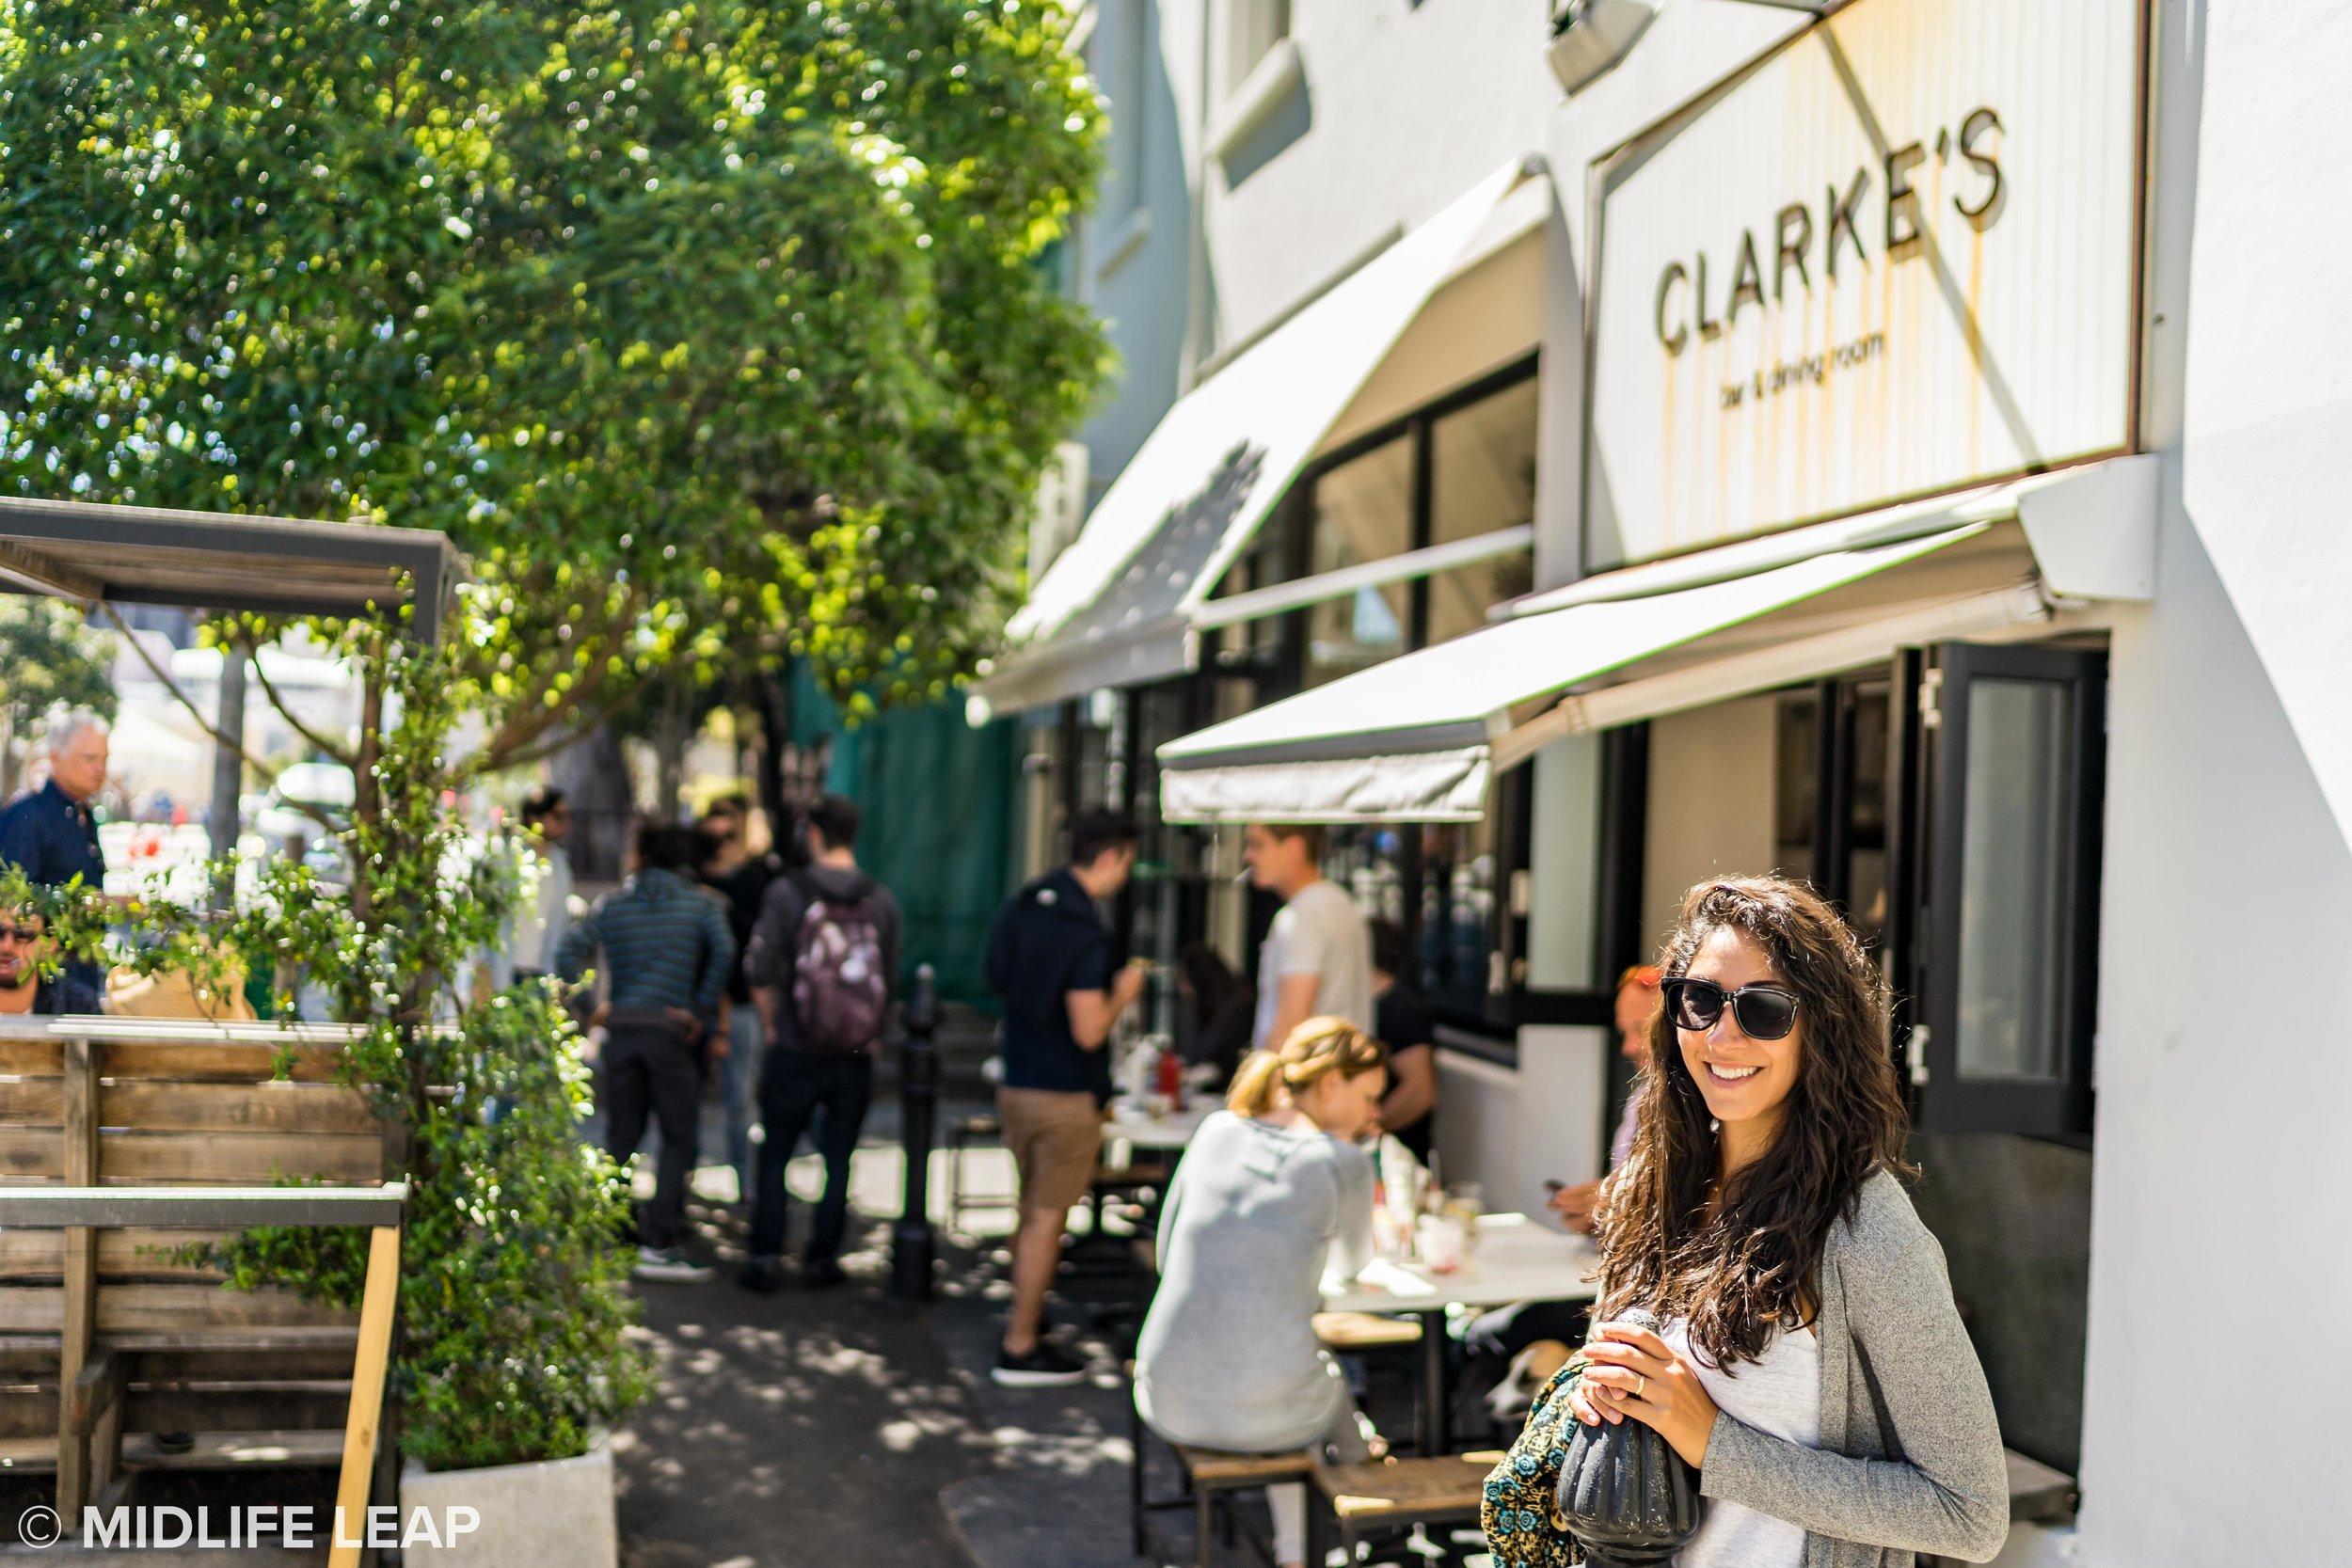 My favorite lunch spot, Clarke's!